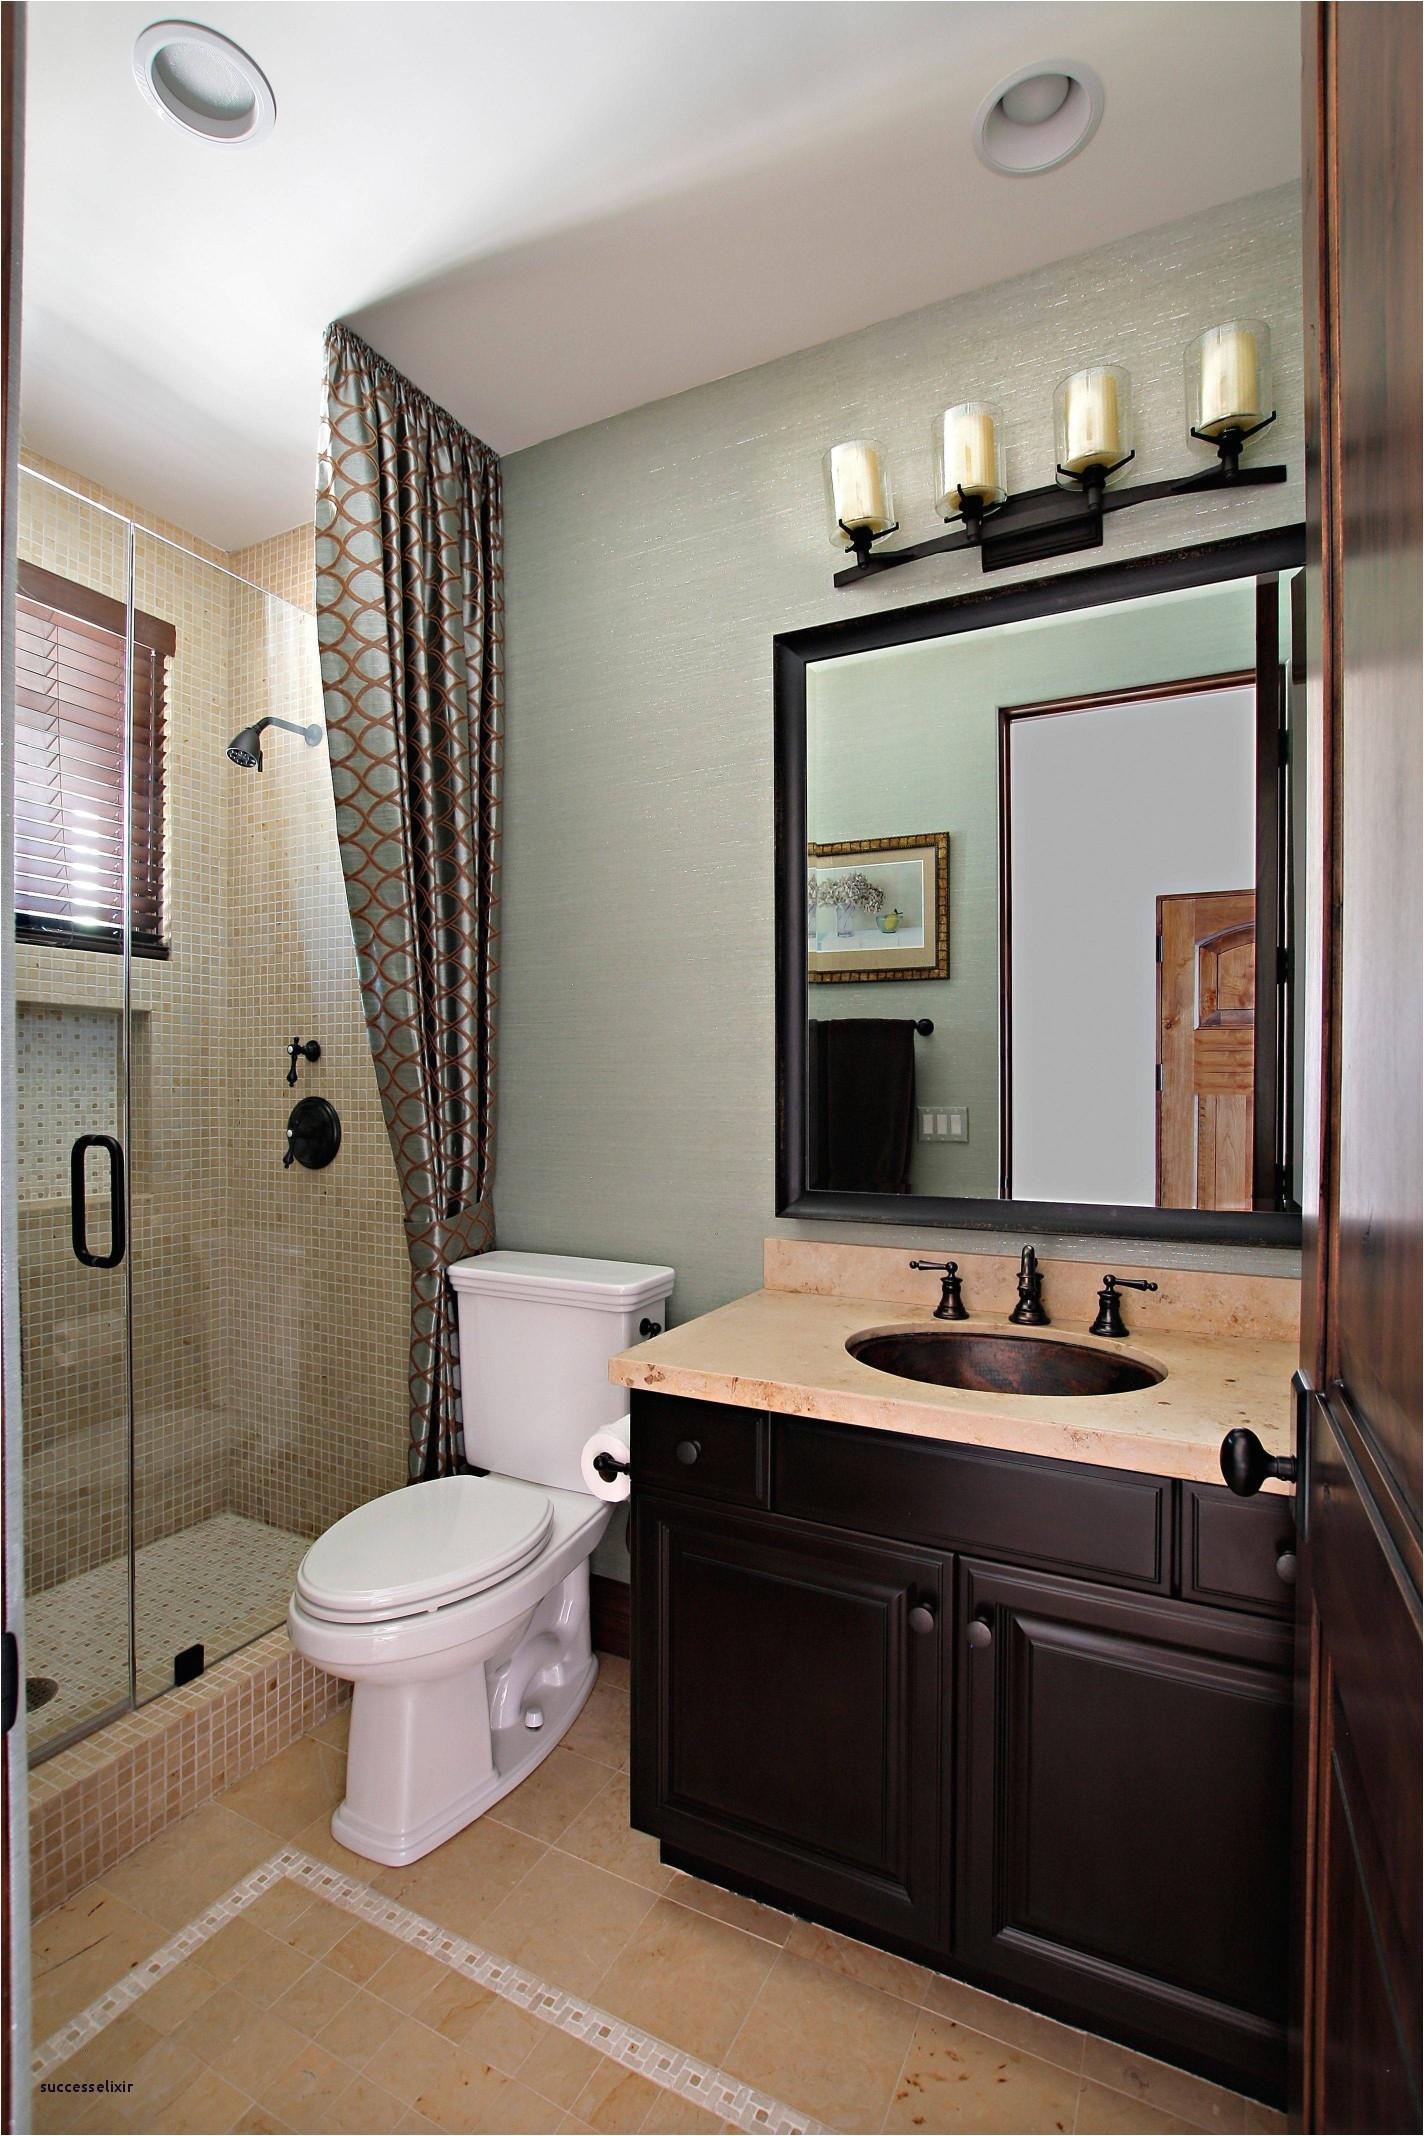 tub to shower fresh tub shower ideas for small bathrooms i pinimg originals 8e 04 0d